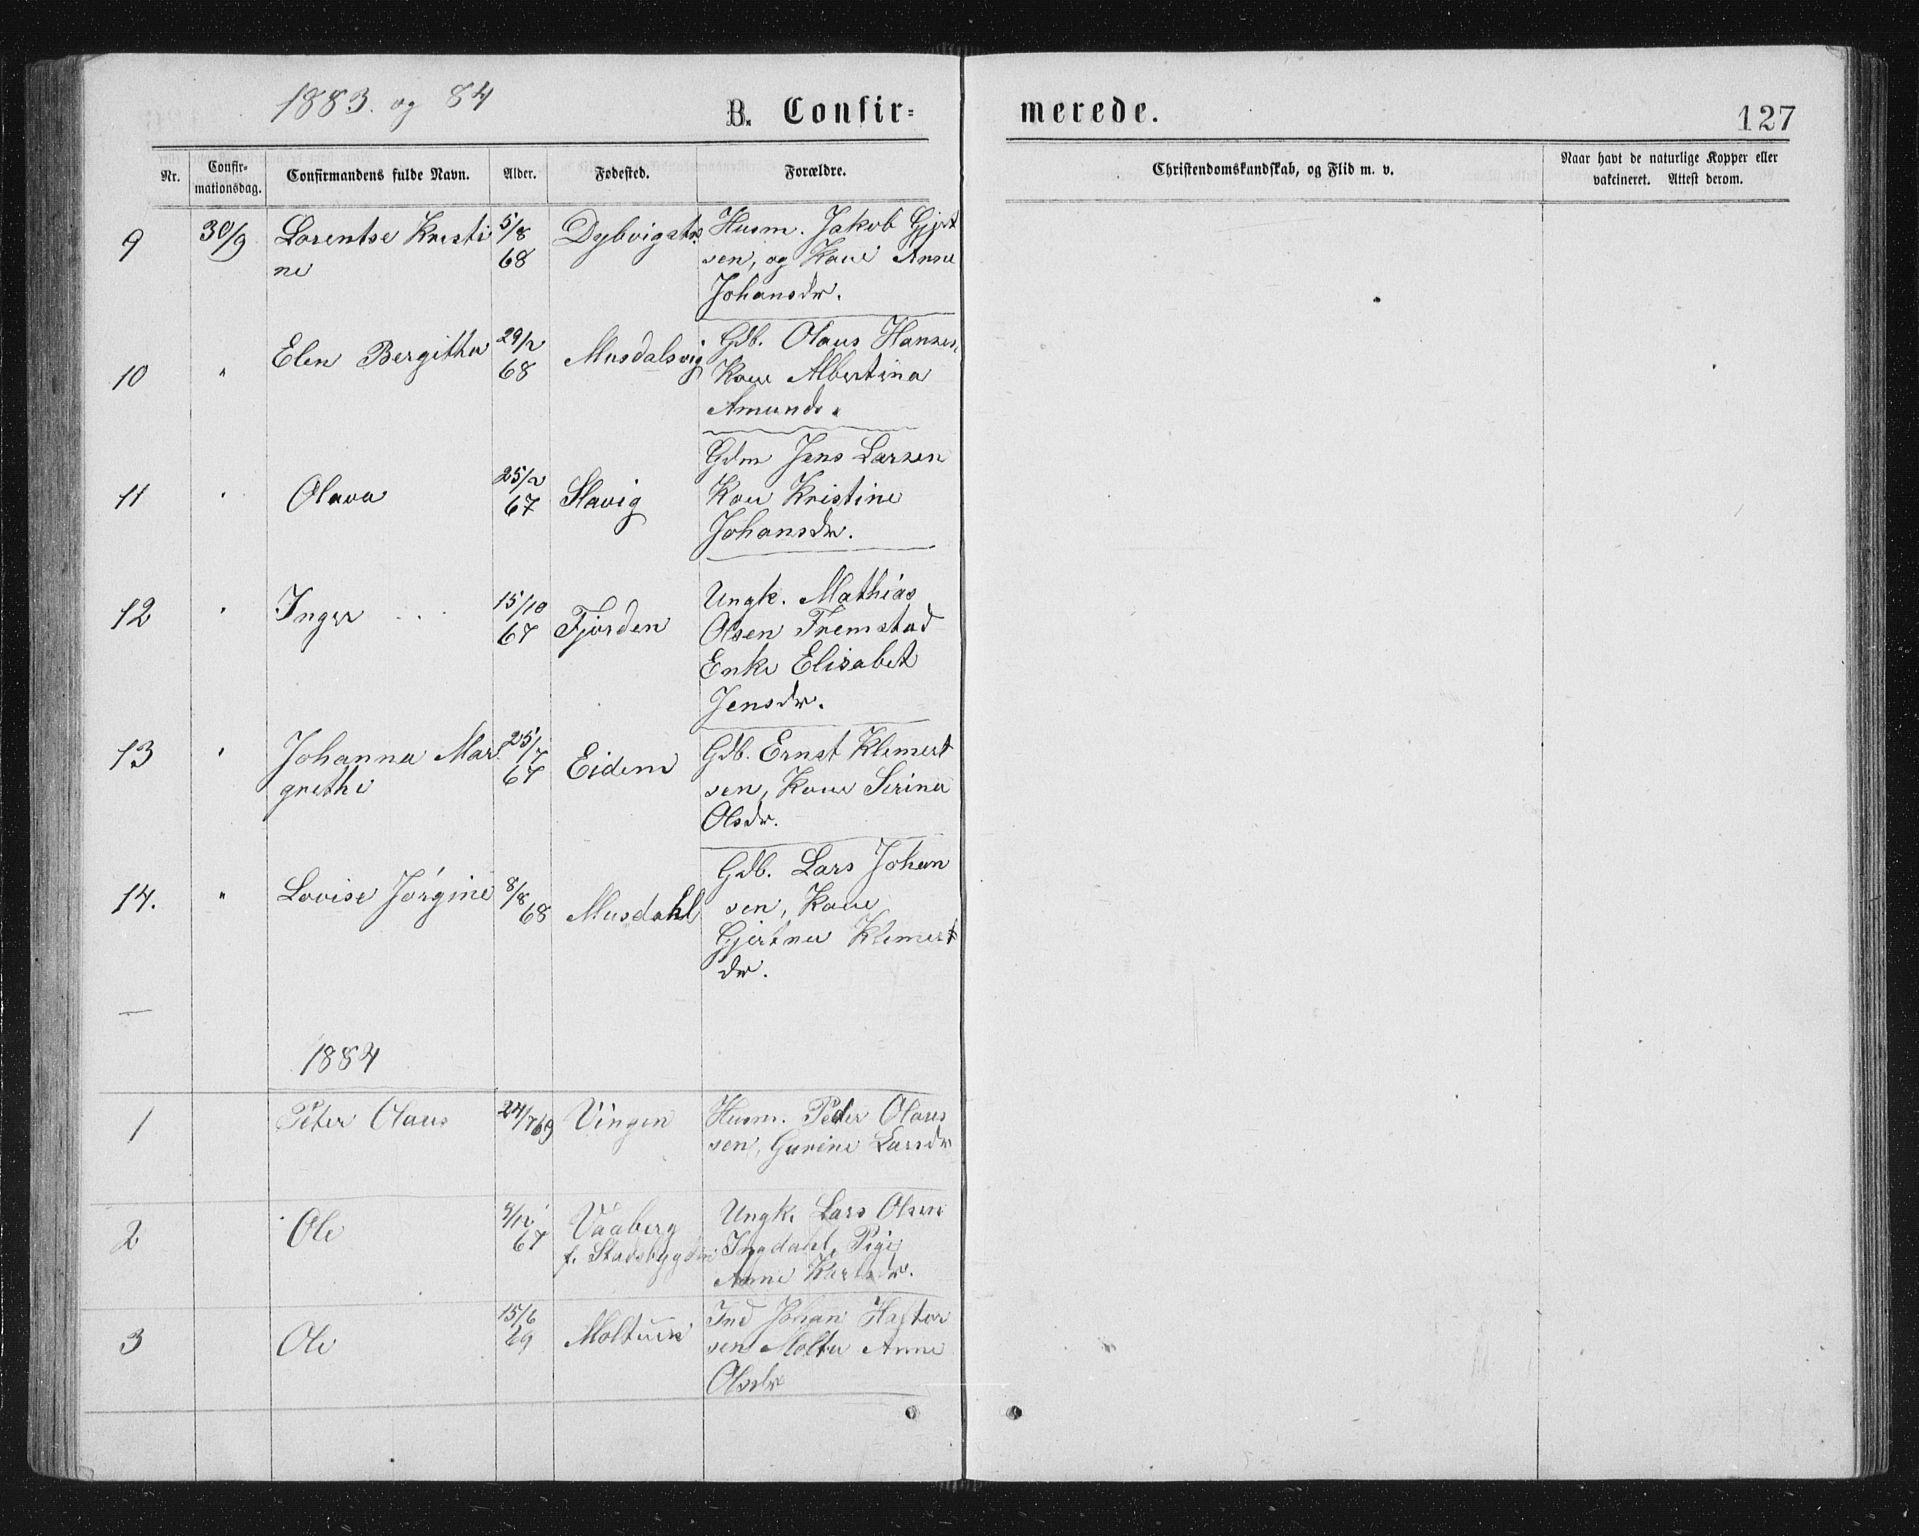 SAT, Ministerialprotokoller, klokkerbøker og fødselsregistre - Sør-Trøndelag, 662/L0756: Klokkerbok nr. 662C01, 1869-1891, s. 127